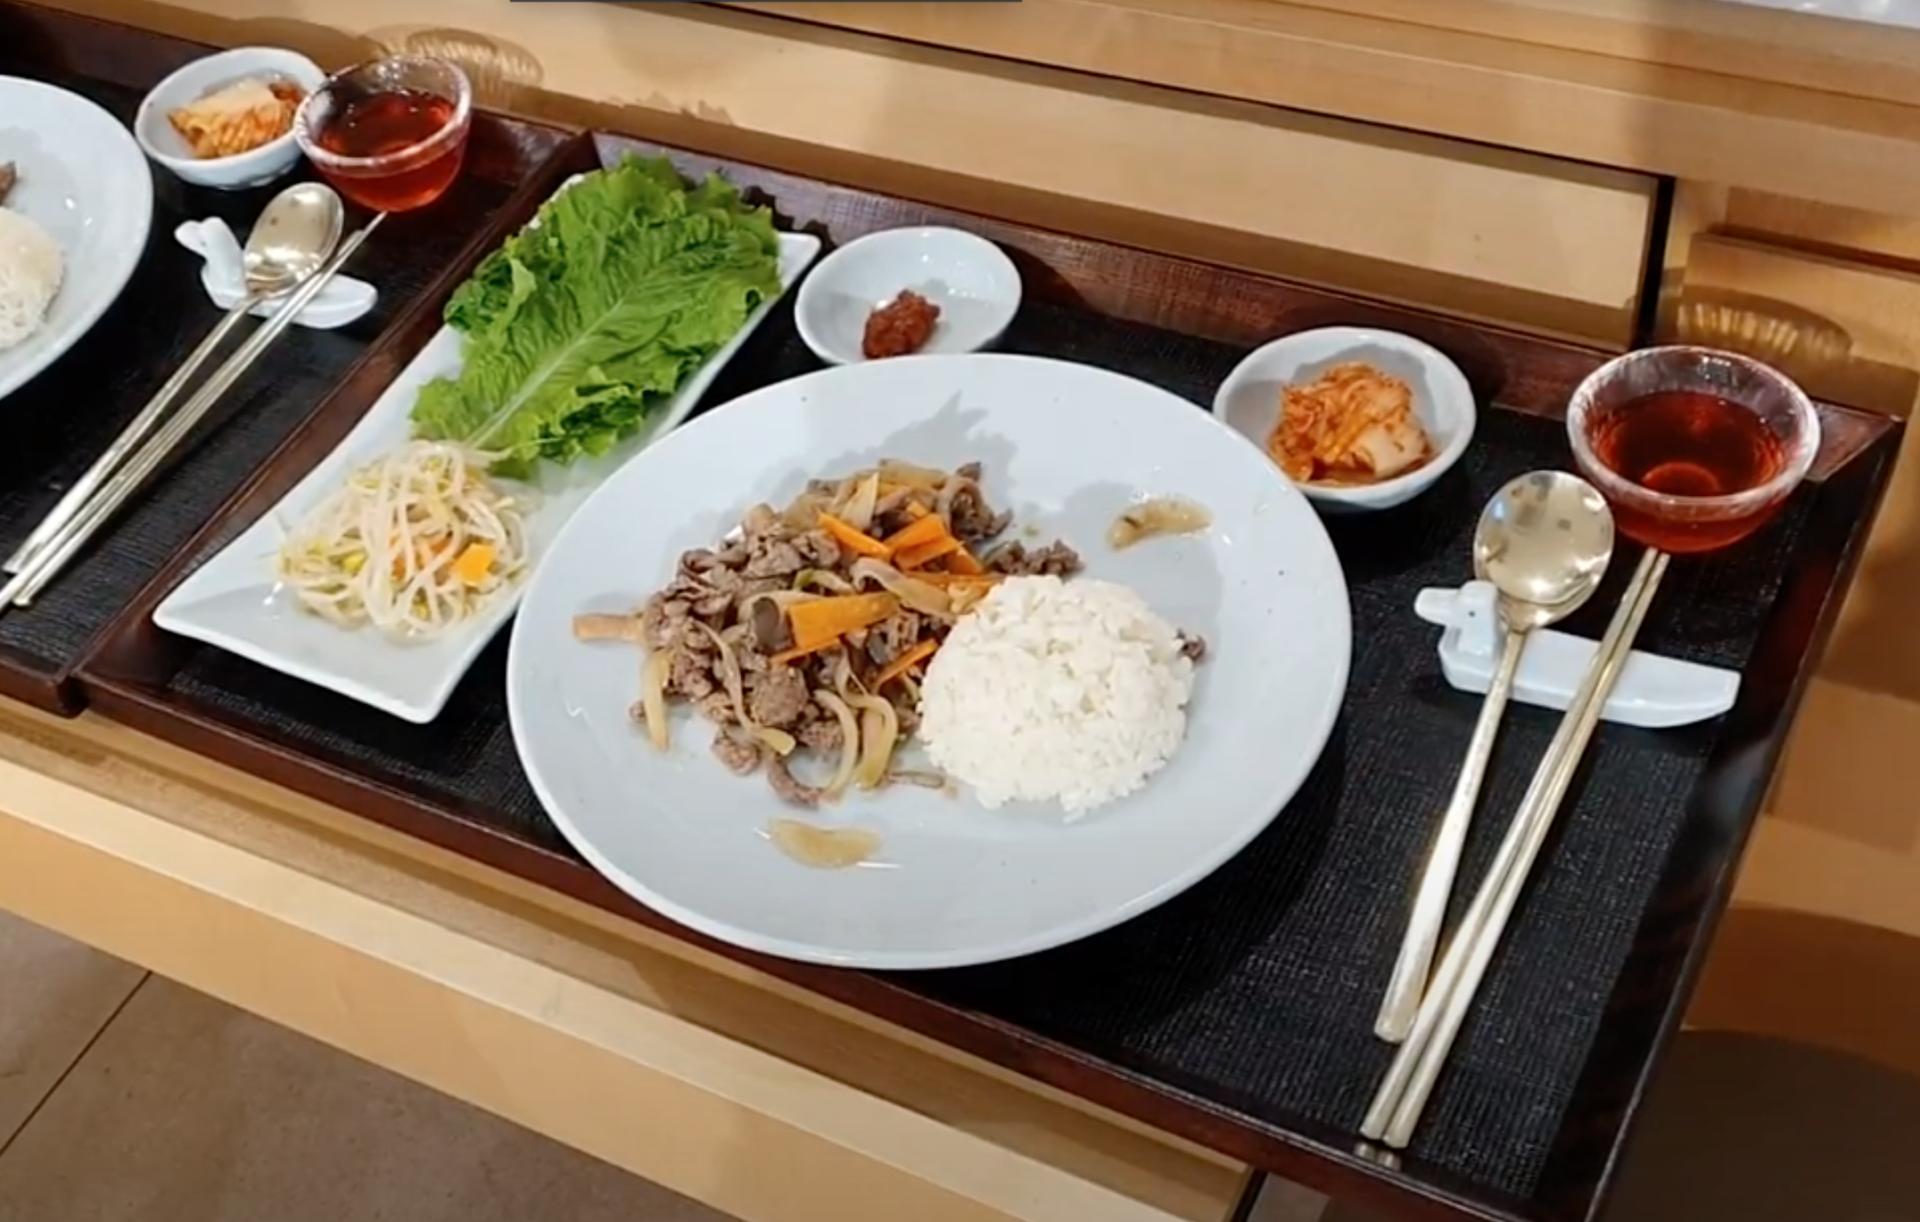 Migliori piatti coreani